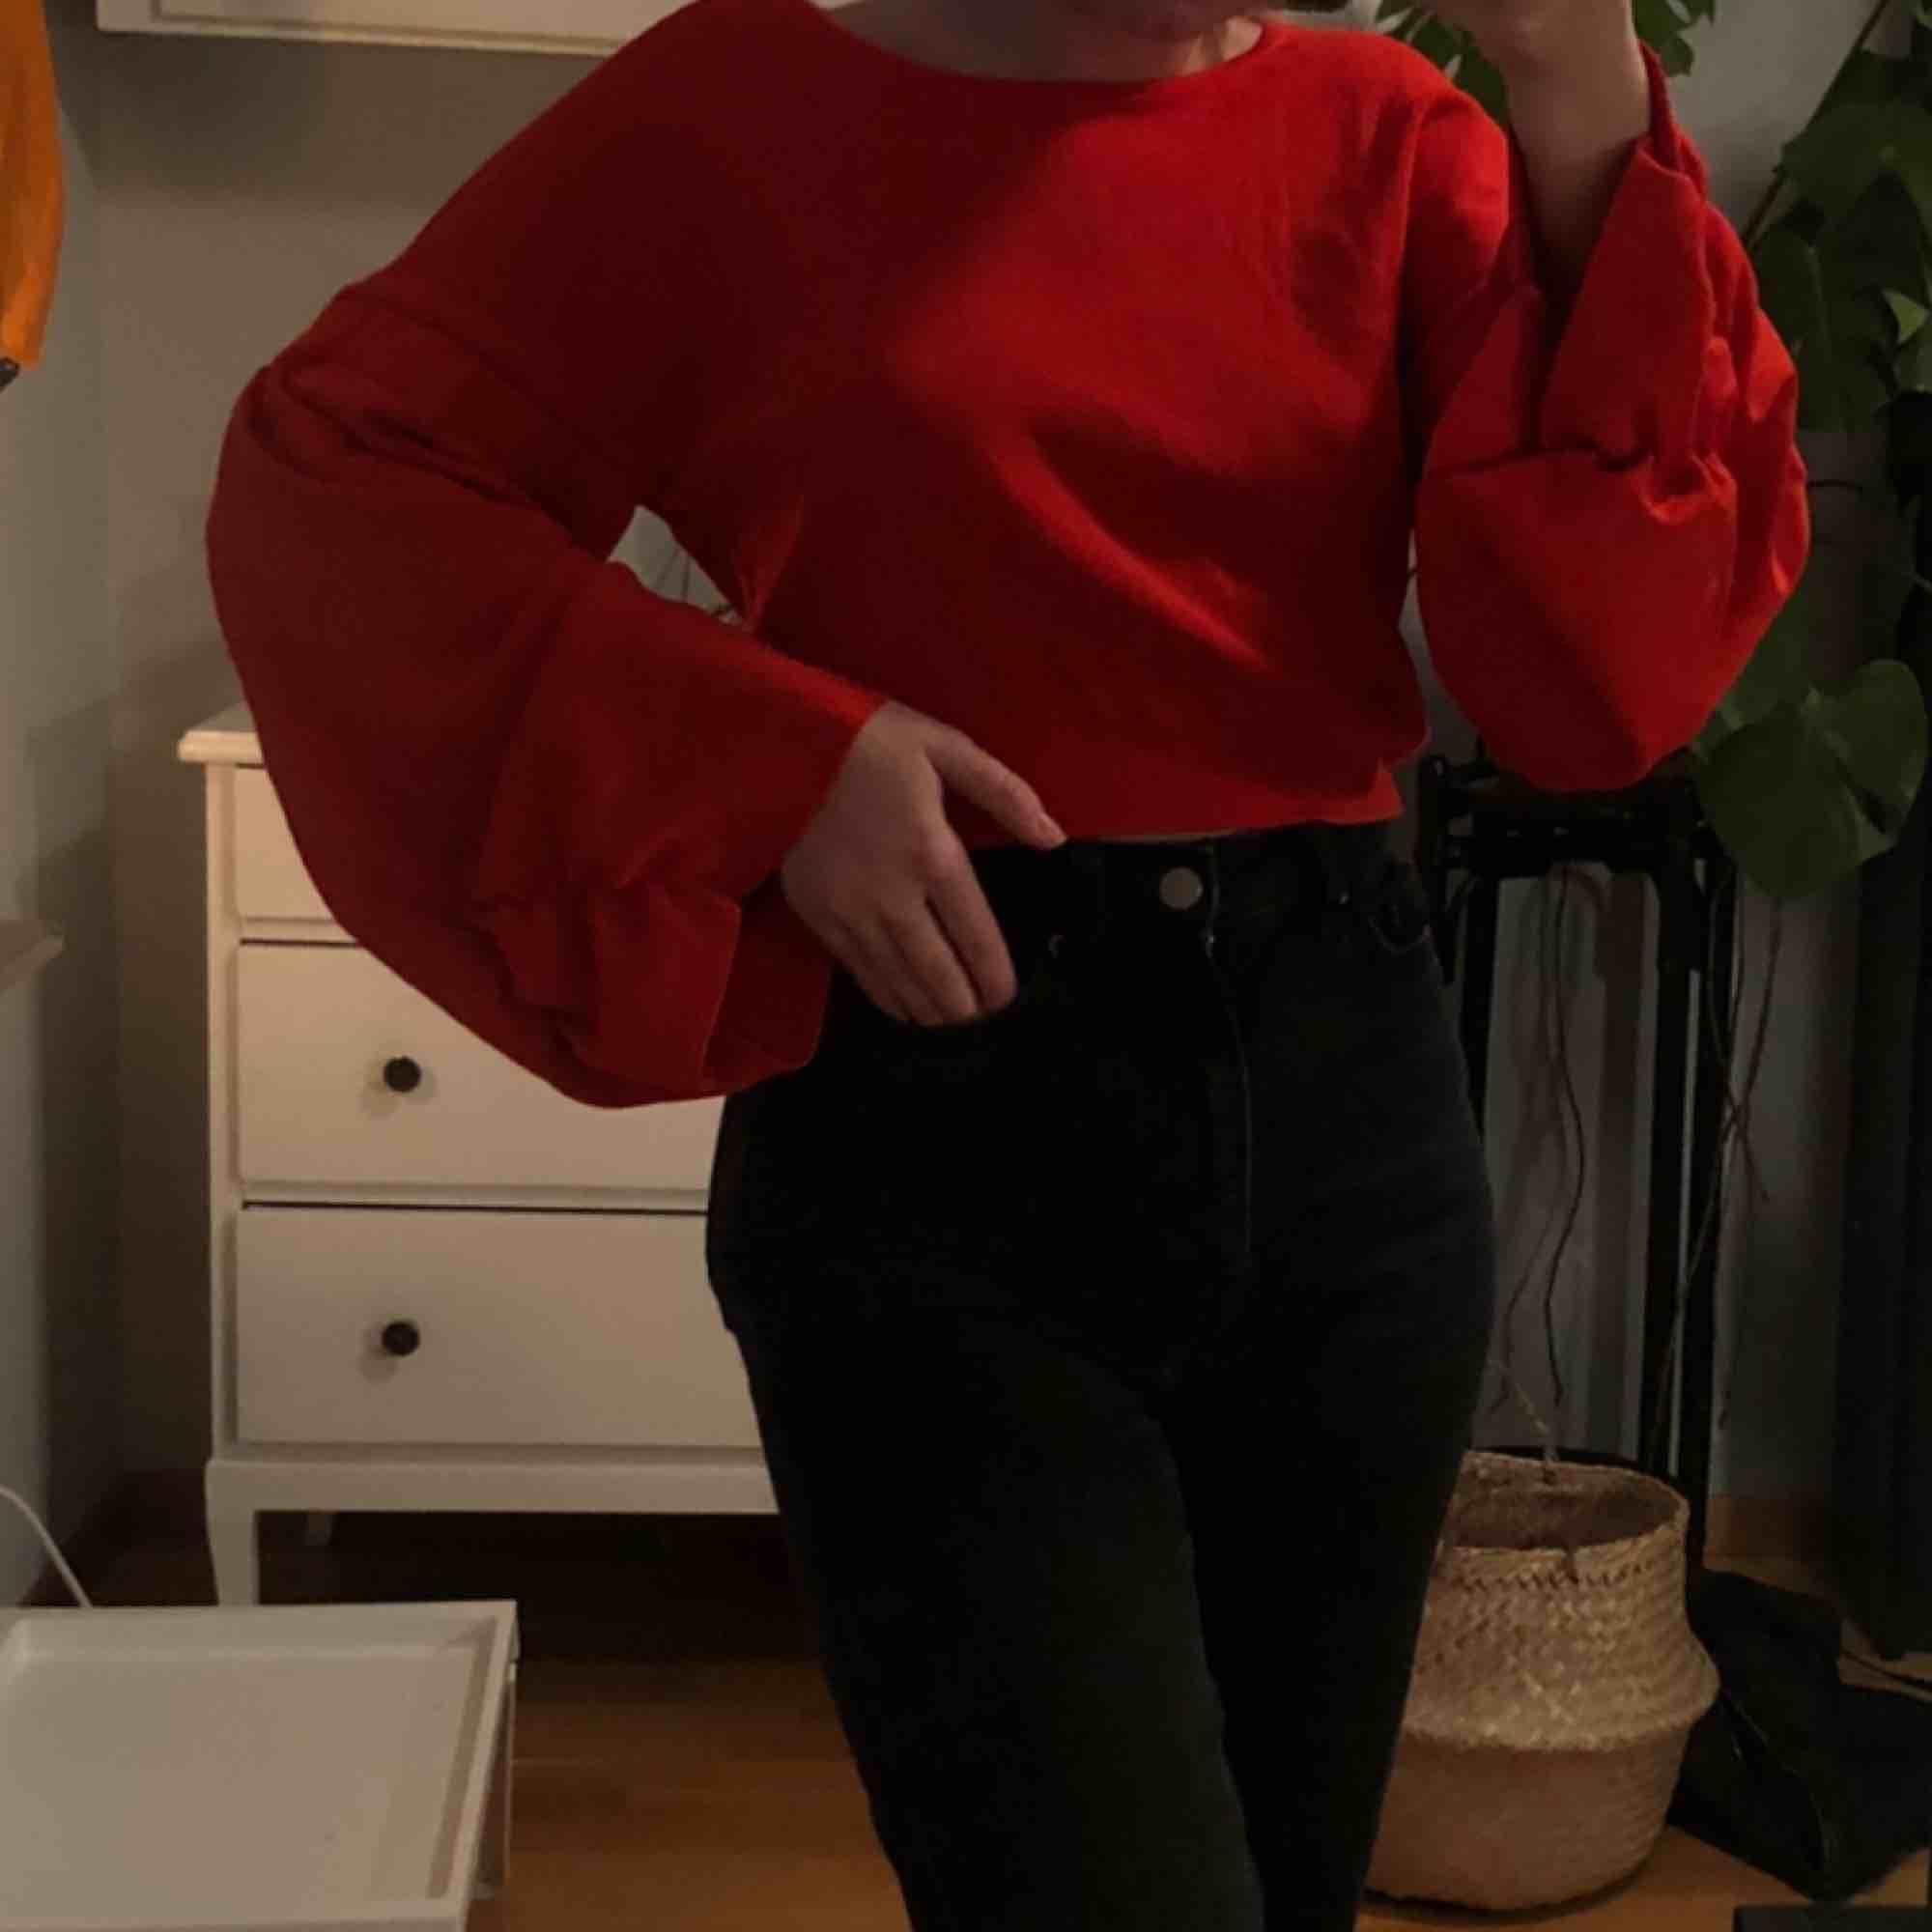 """En svincool tröja från zara i en röd/orange tröja (ses bäst på sista bilden)✌🏼🥰 Endast använd 1 gång och i ett lite """"tjockare"""" och lite glansigt material. Croppad och med långa vida ärmar😍🙏🏻. Tröjor & Koftor."""